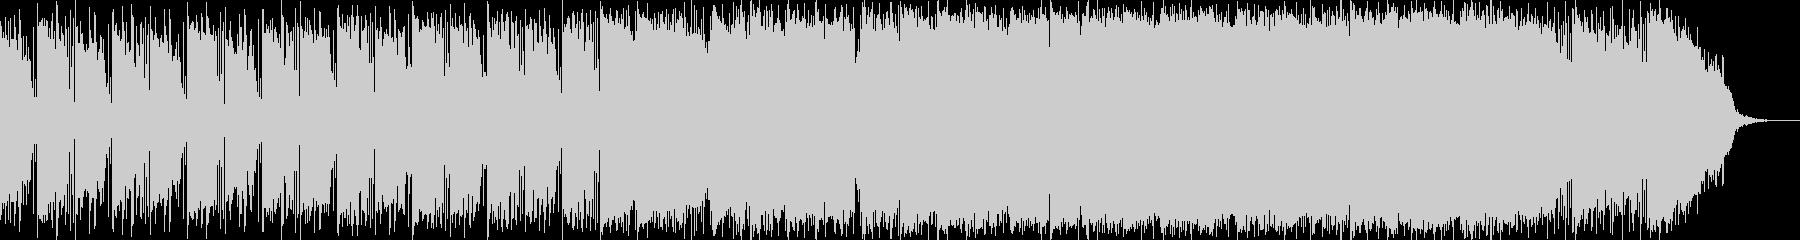 ピアノメインの映画音楽用バラードの未再生の波形